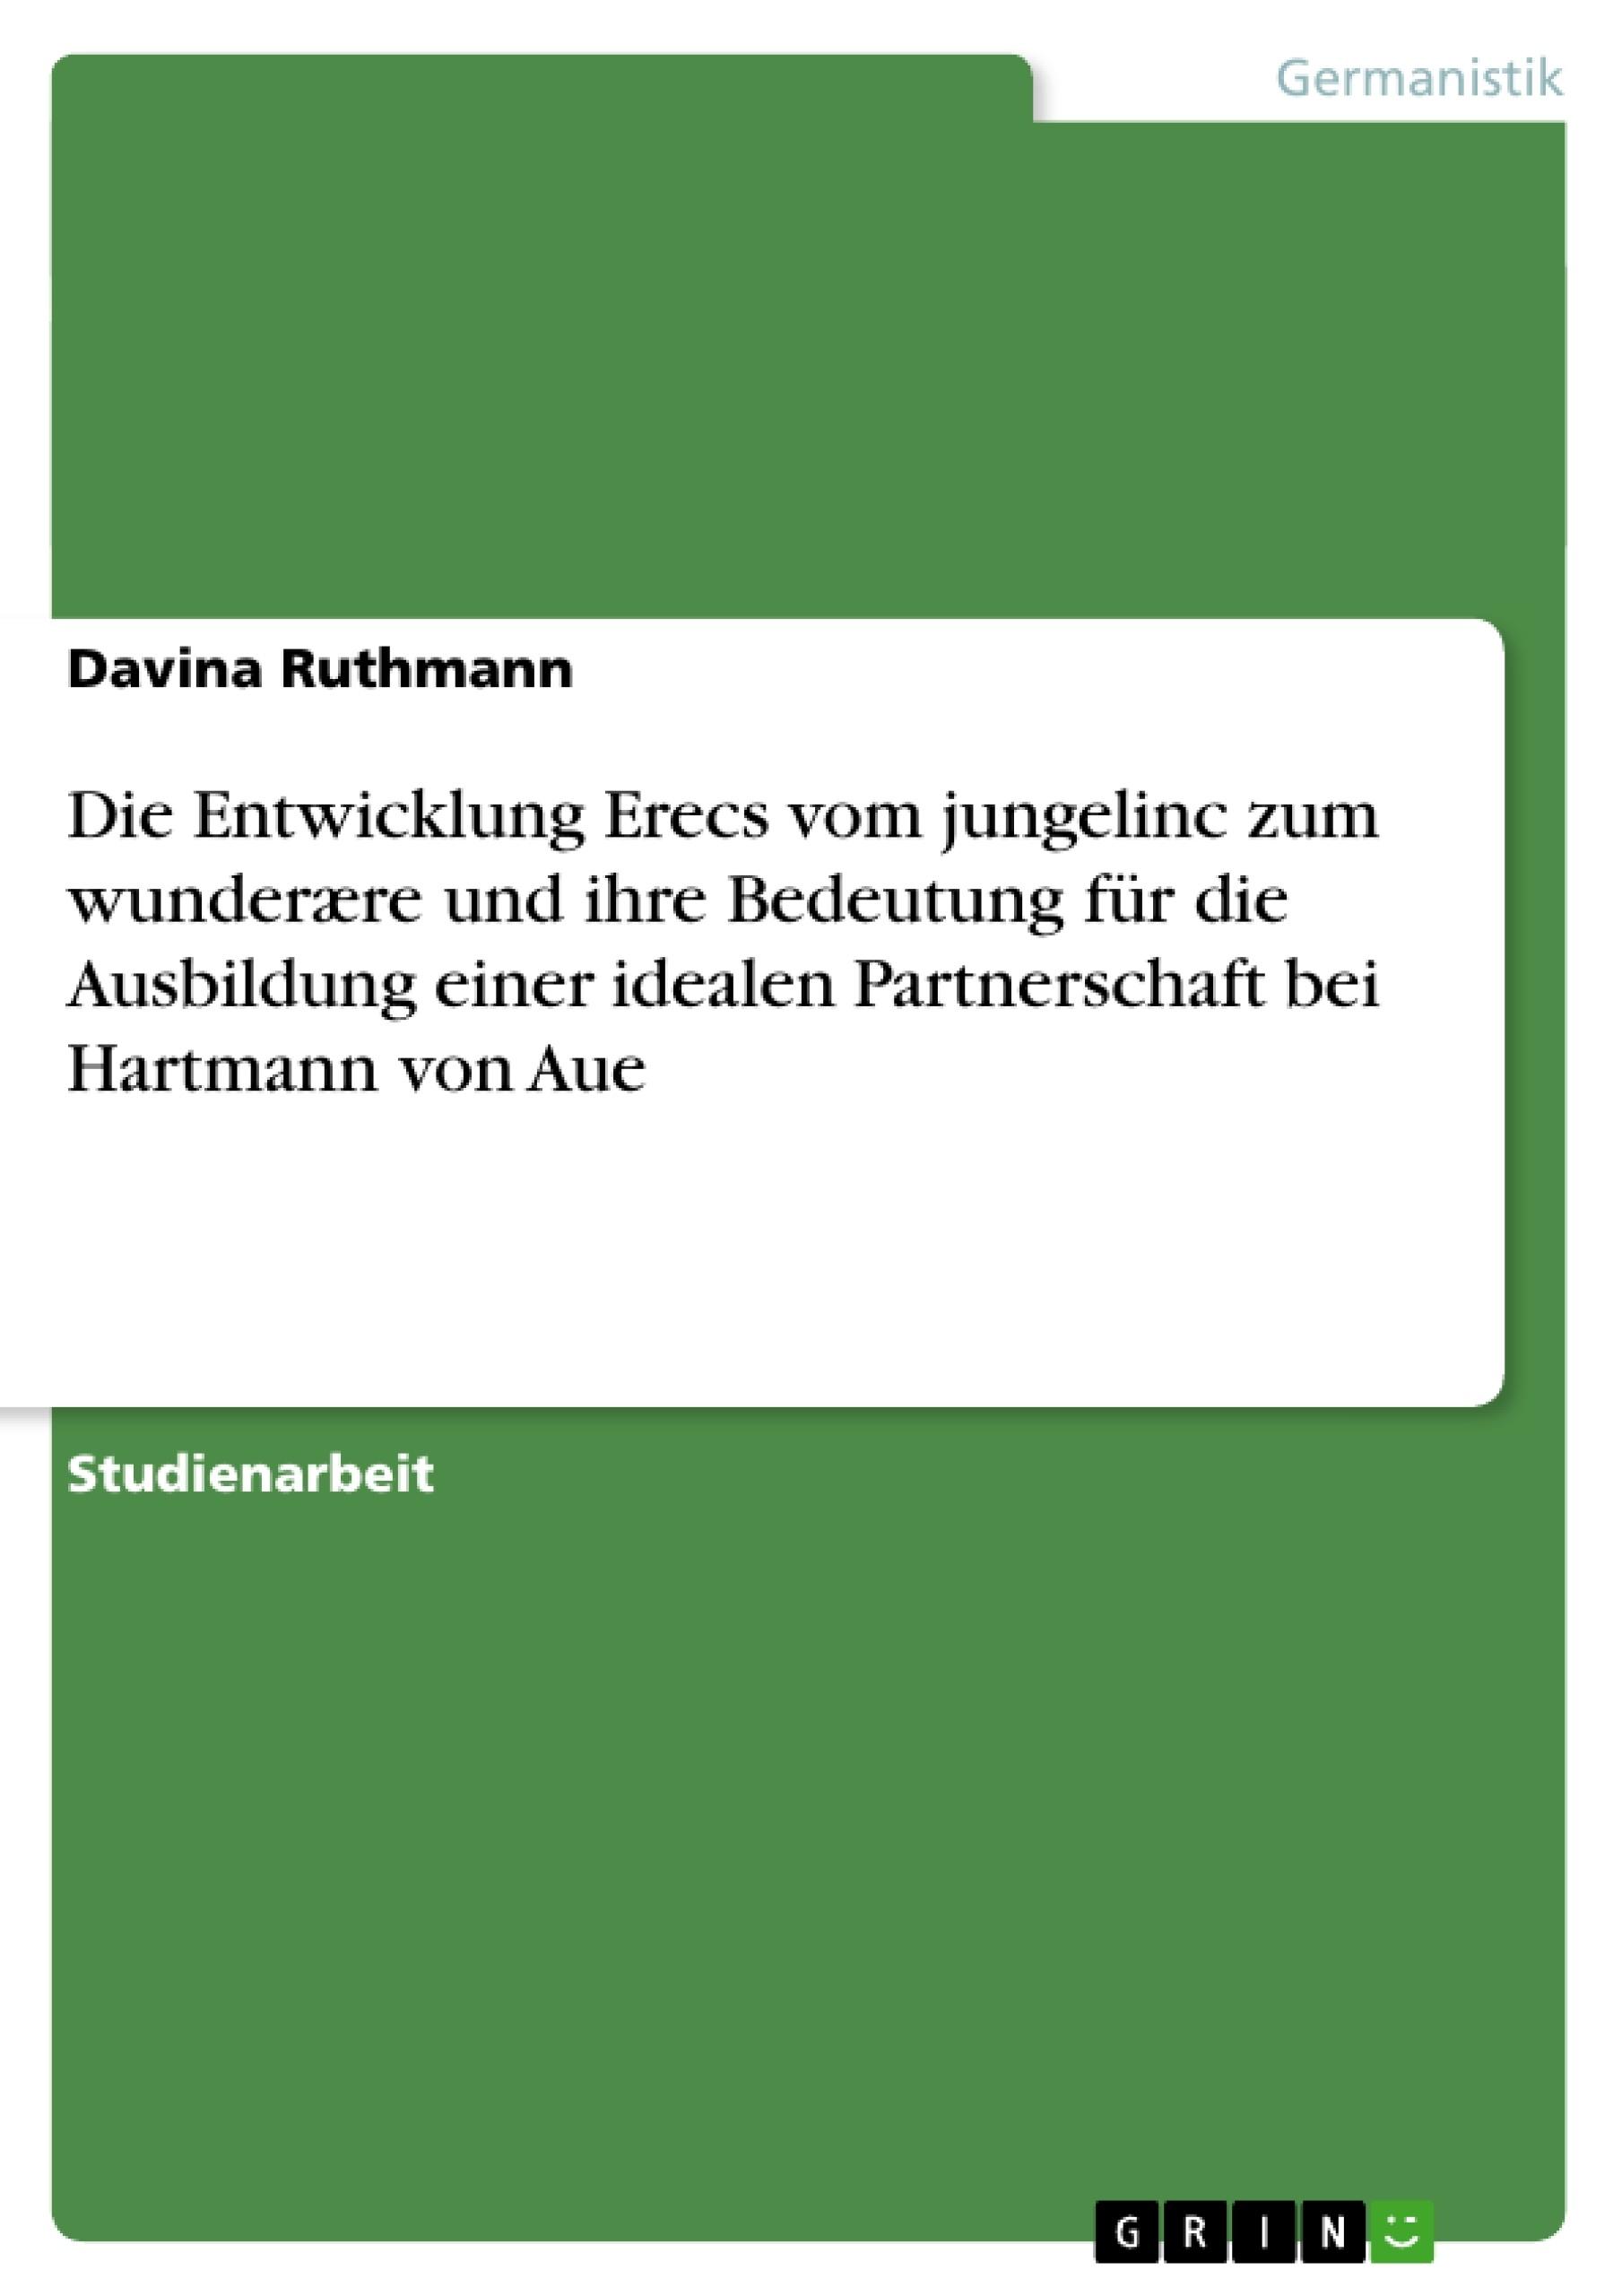 Titel: Die Entwicklung Erecs vom jungelinc zum wunderære und ihre Bedeutung für die Ausbildung einer idealen Partnerschaft bei Hartmann von Aue